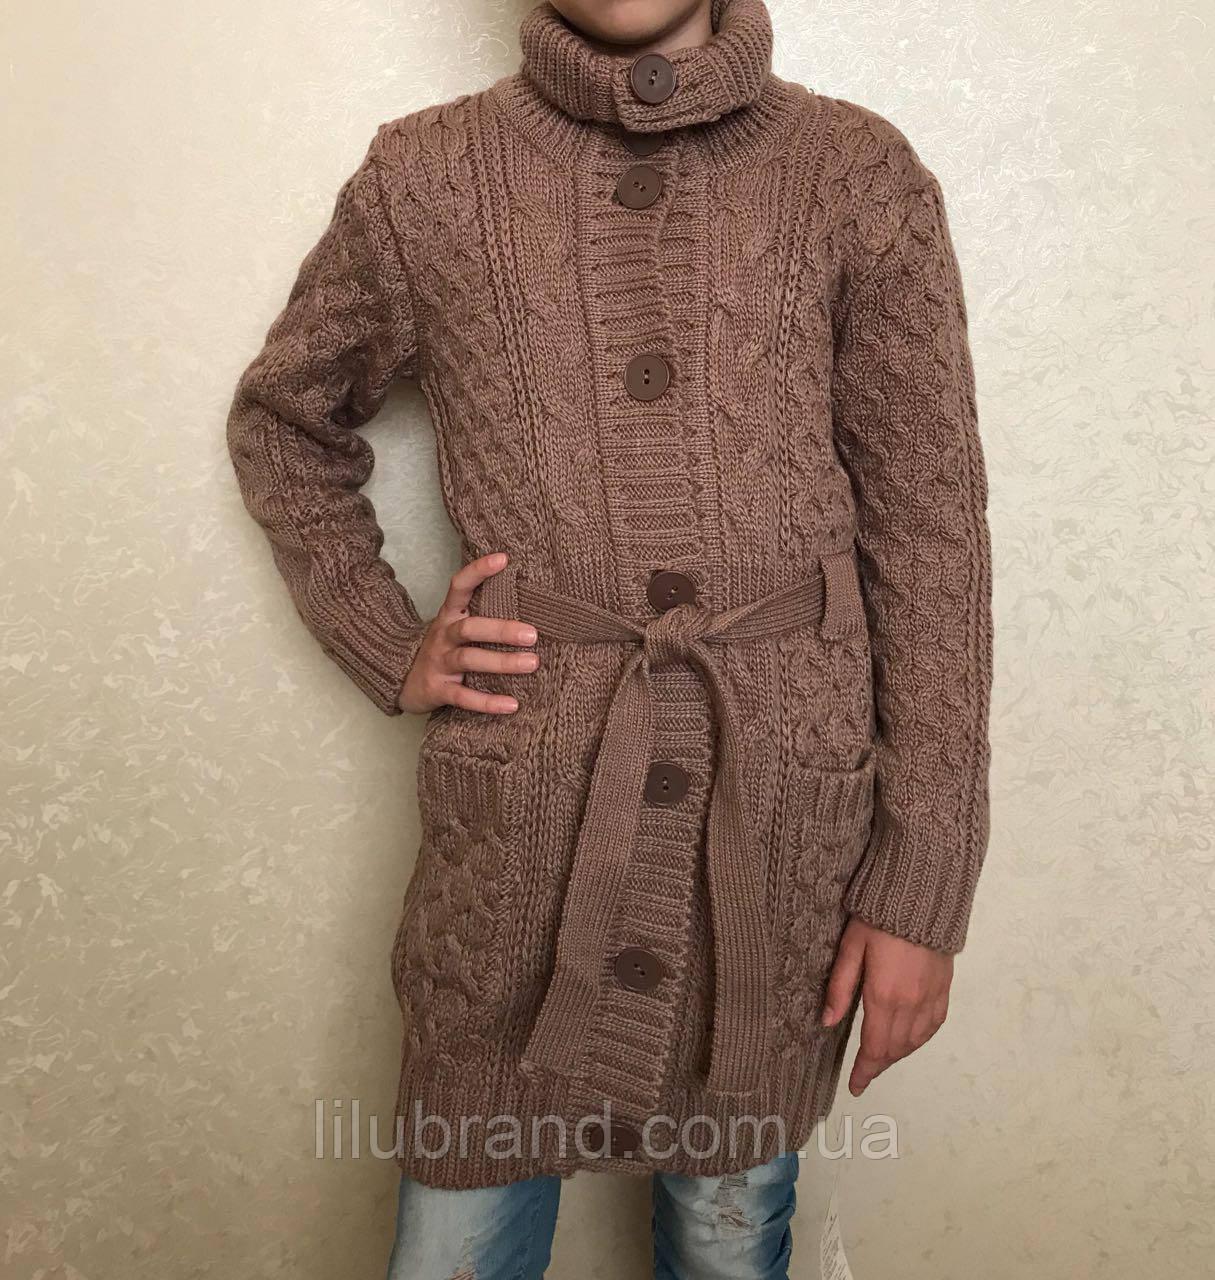 детский кардиган вязаный на девочку продажа цена в харькове кофты